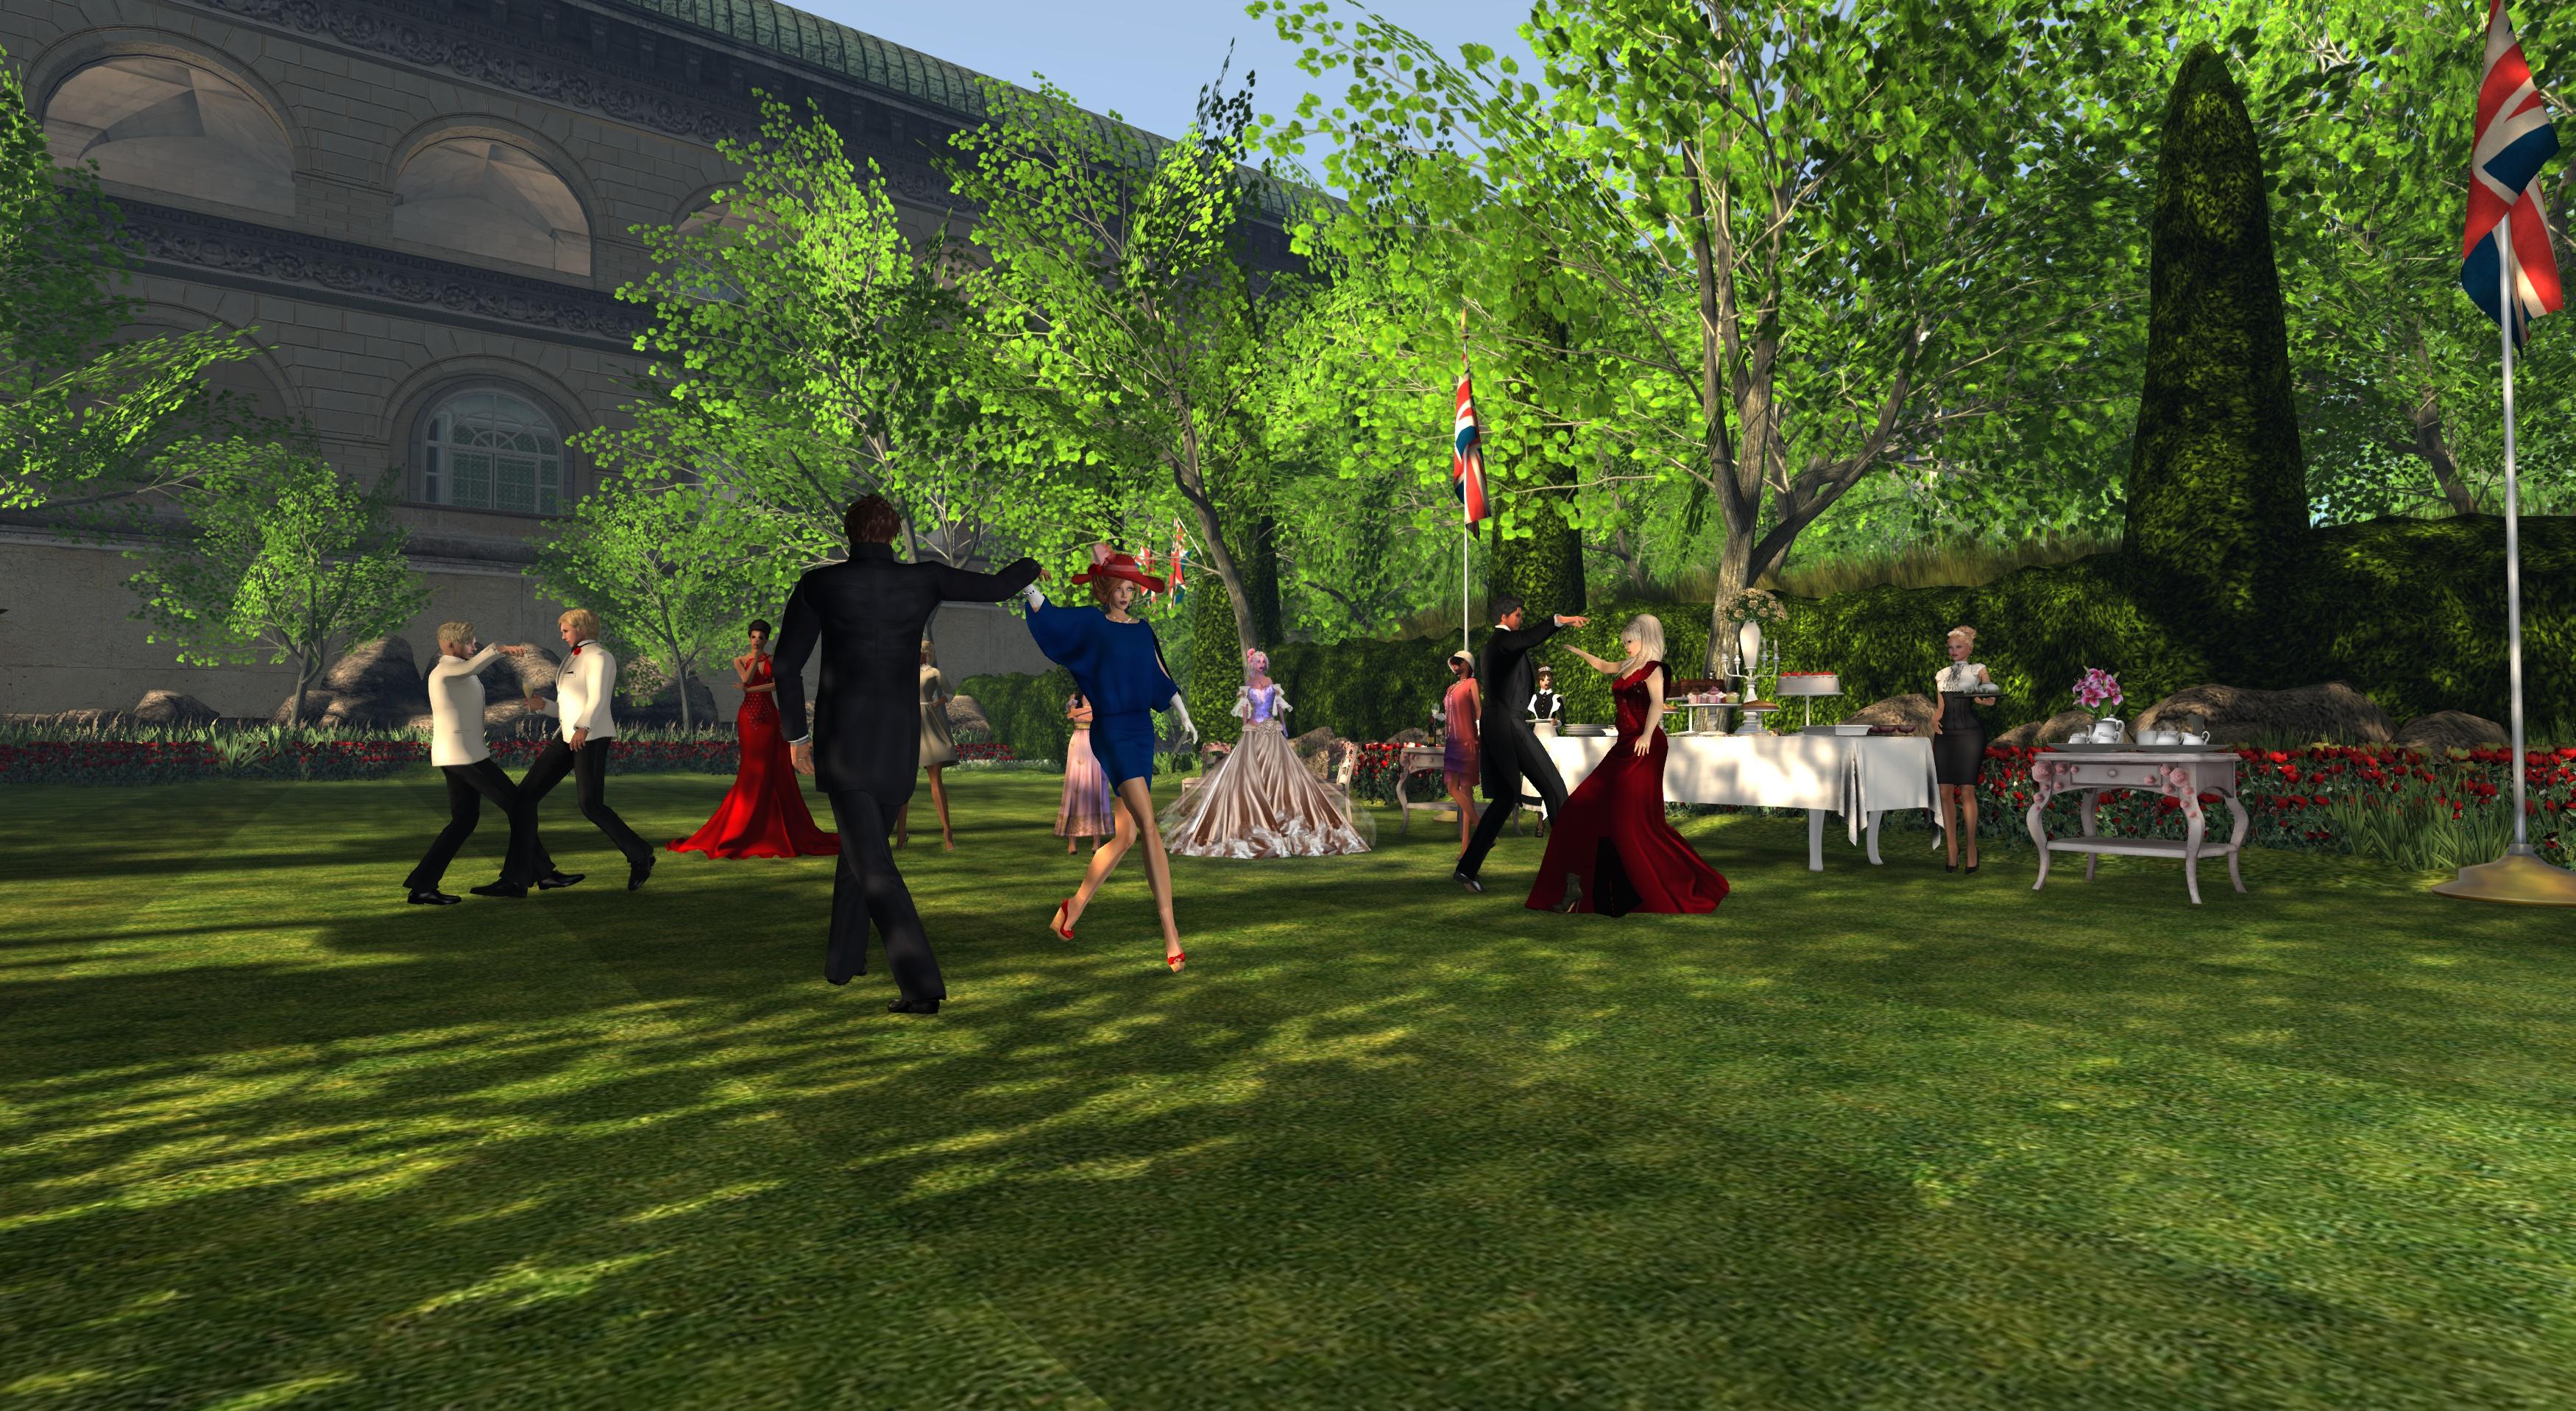 Garden Party_001